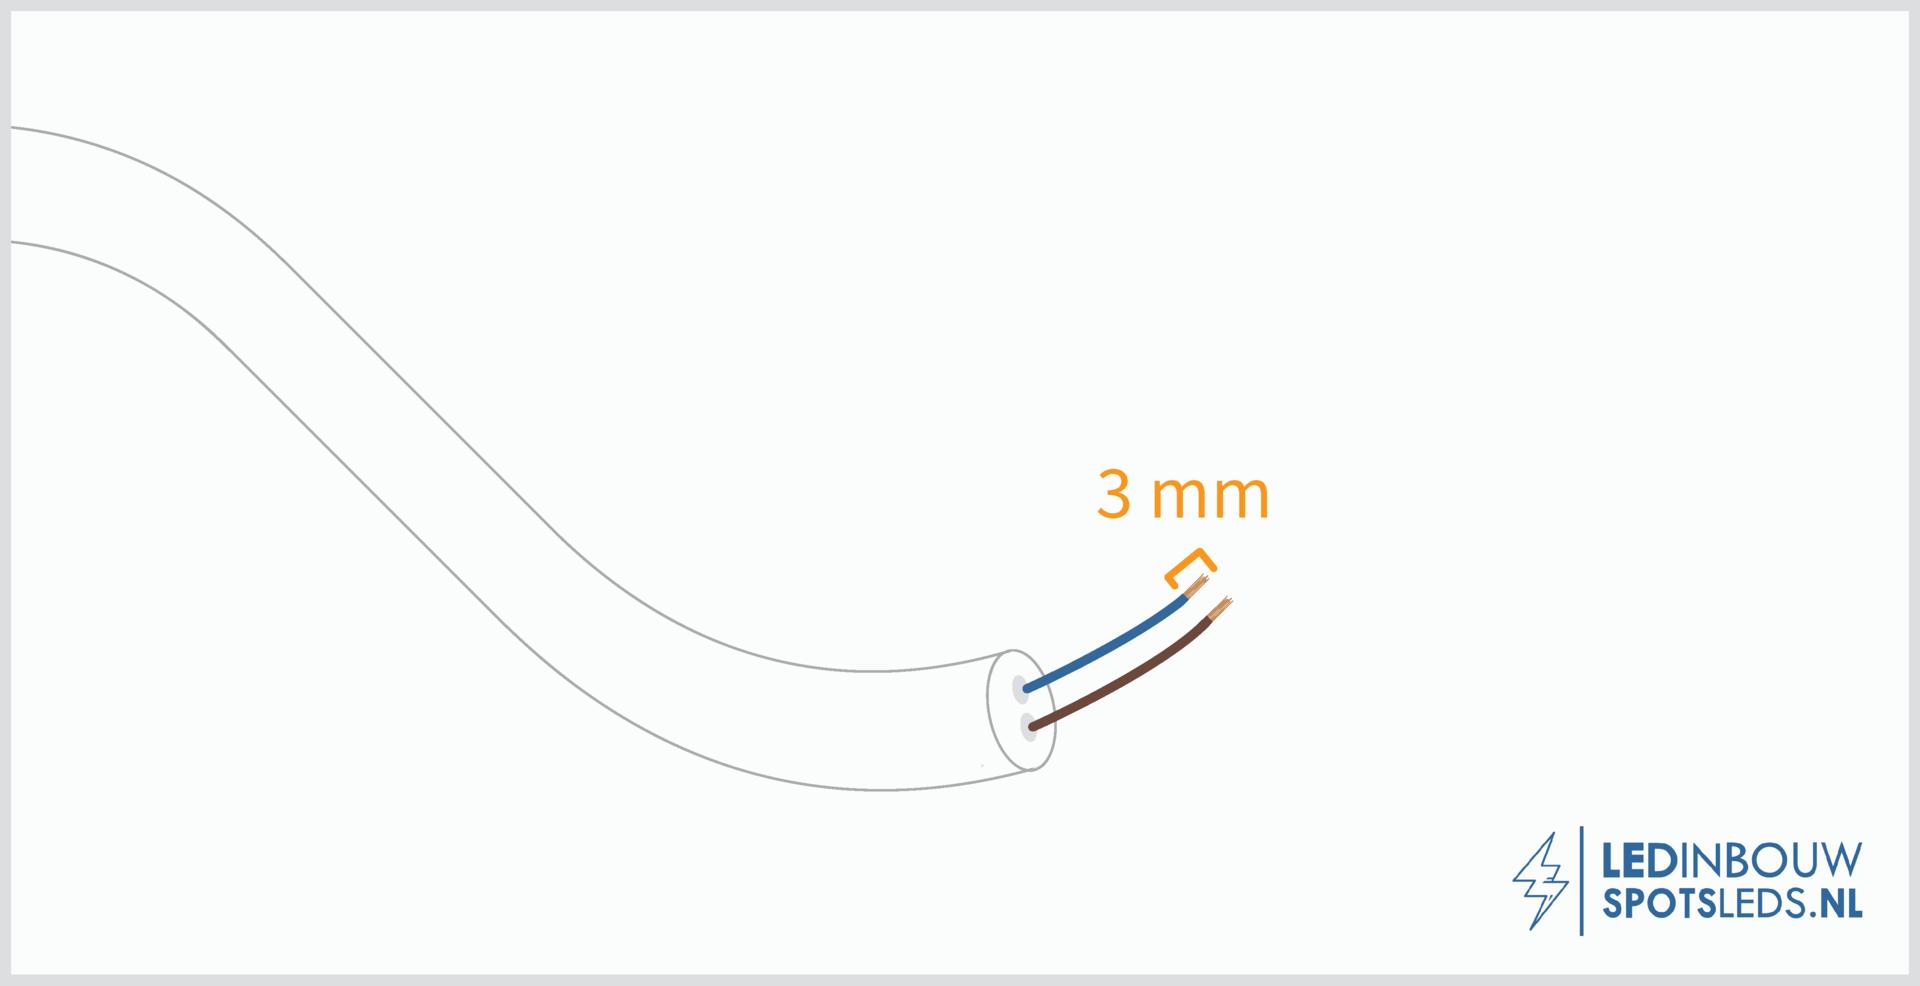 LED inbouwspots installeren - stap 3